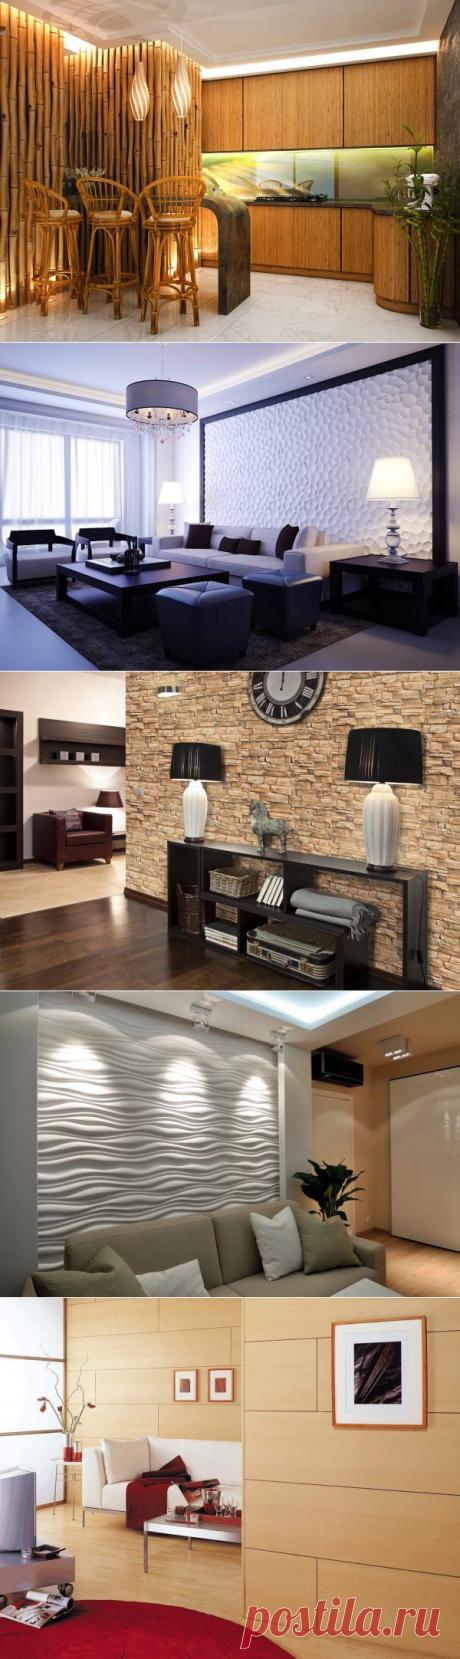 Декоративные стеновые панели для внутренней обшивки квартиры: реечные, ПВХ, плиты